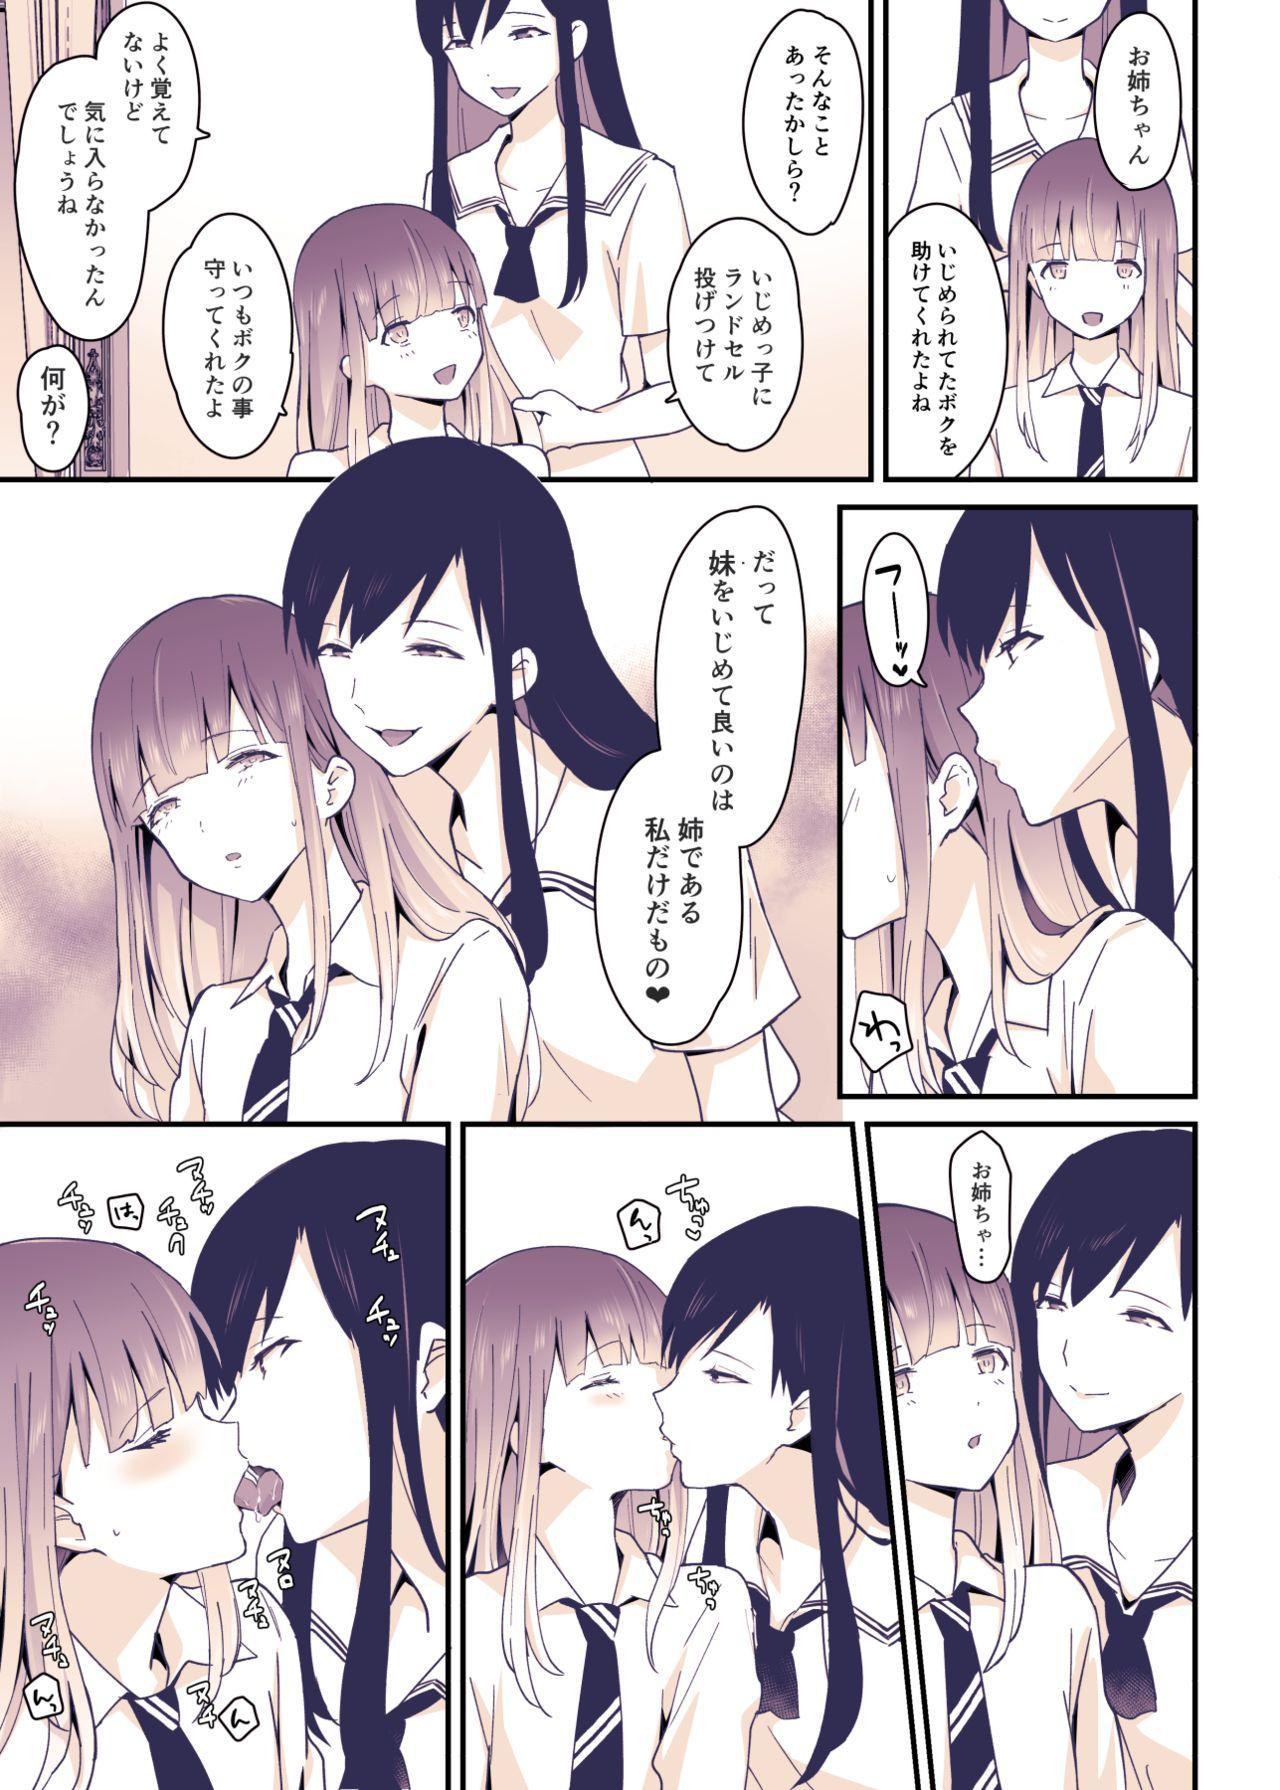 Boku wa Onee-chan no Imouto. 3